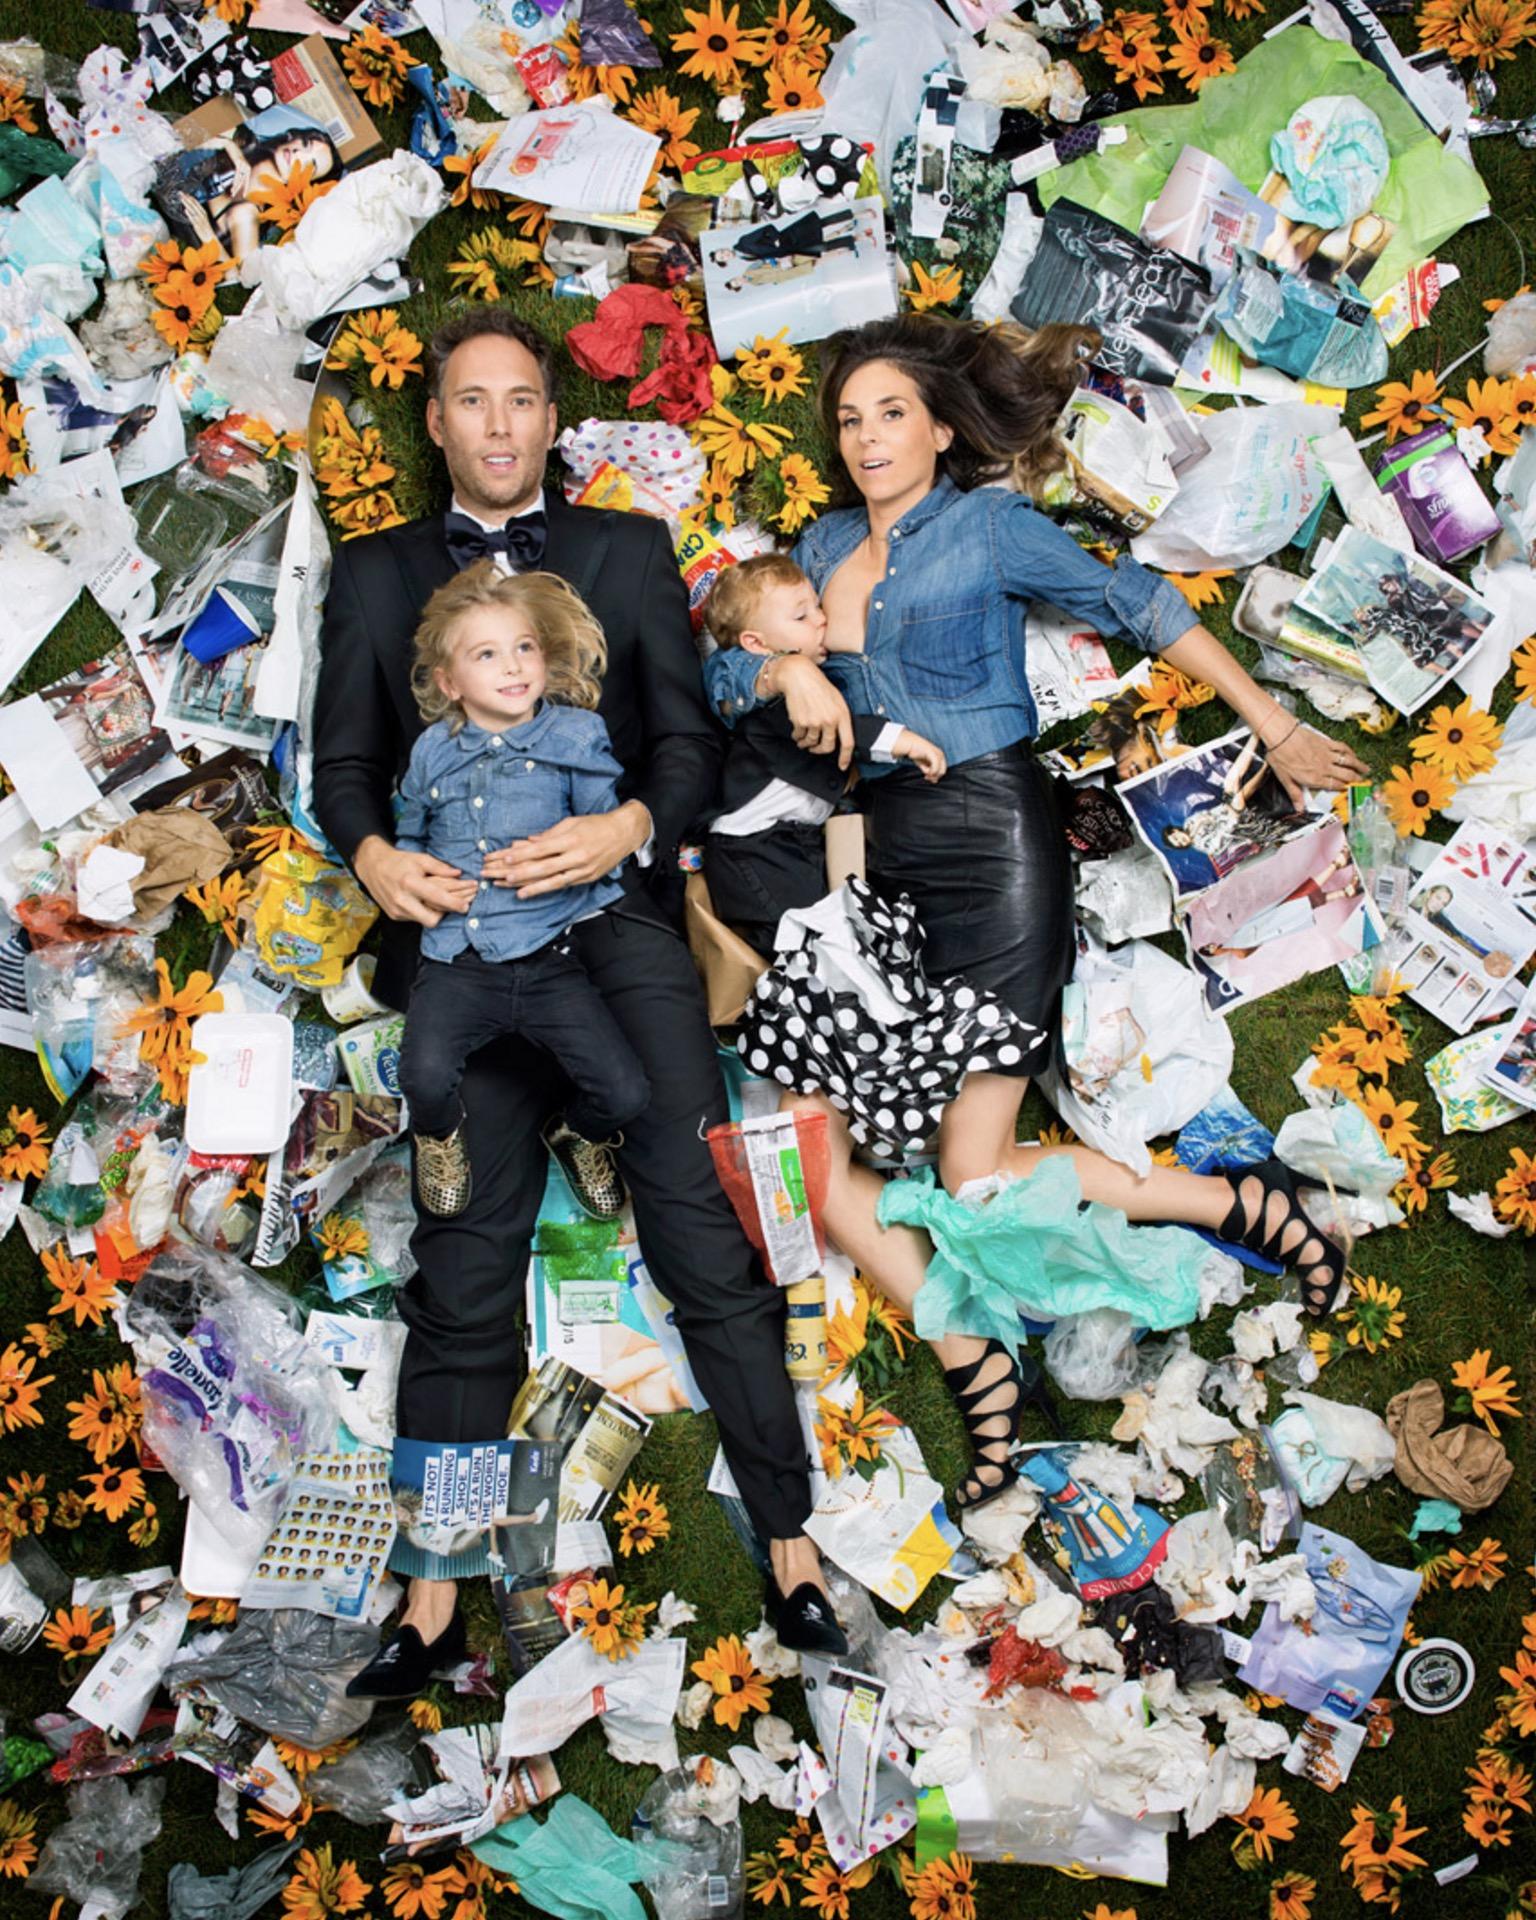 7 Days Of Garbage_Gregg Segal_organiconcrete_14